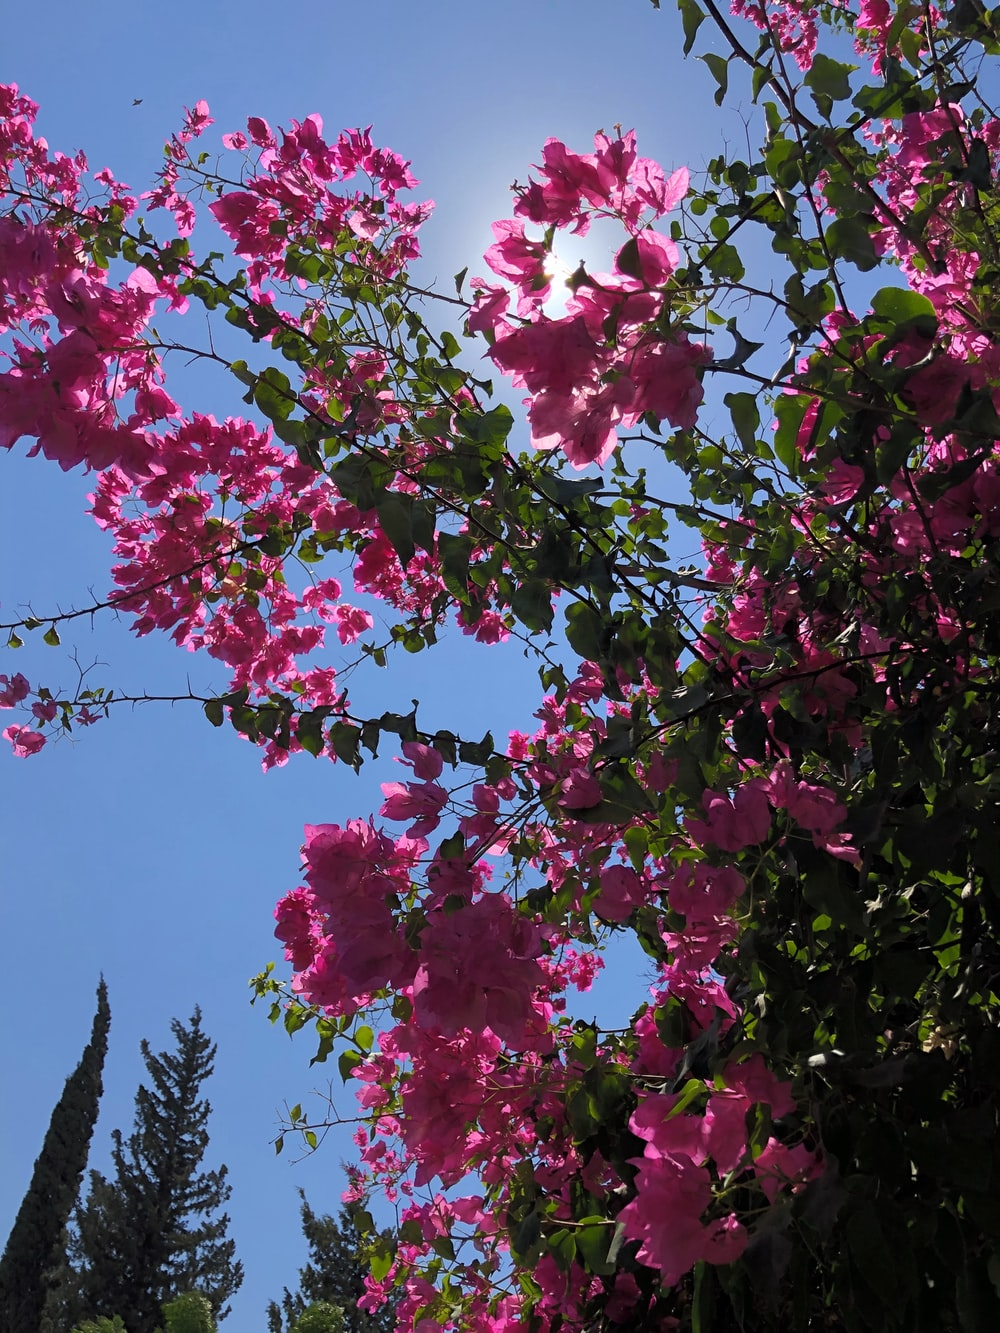 Kinneret Israel Pictures Download Images on Unsplash 1000x1333